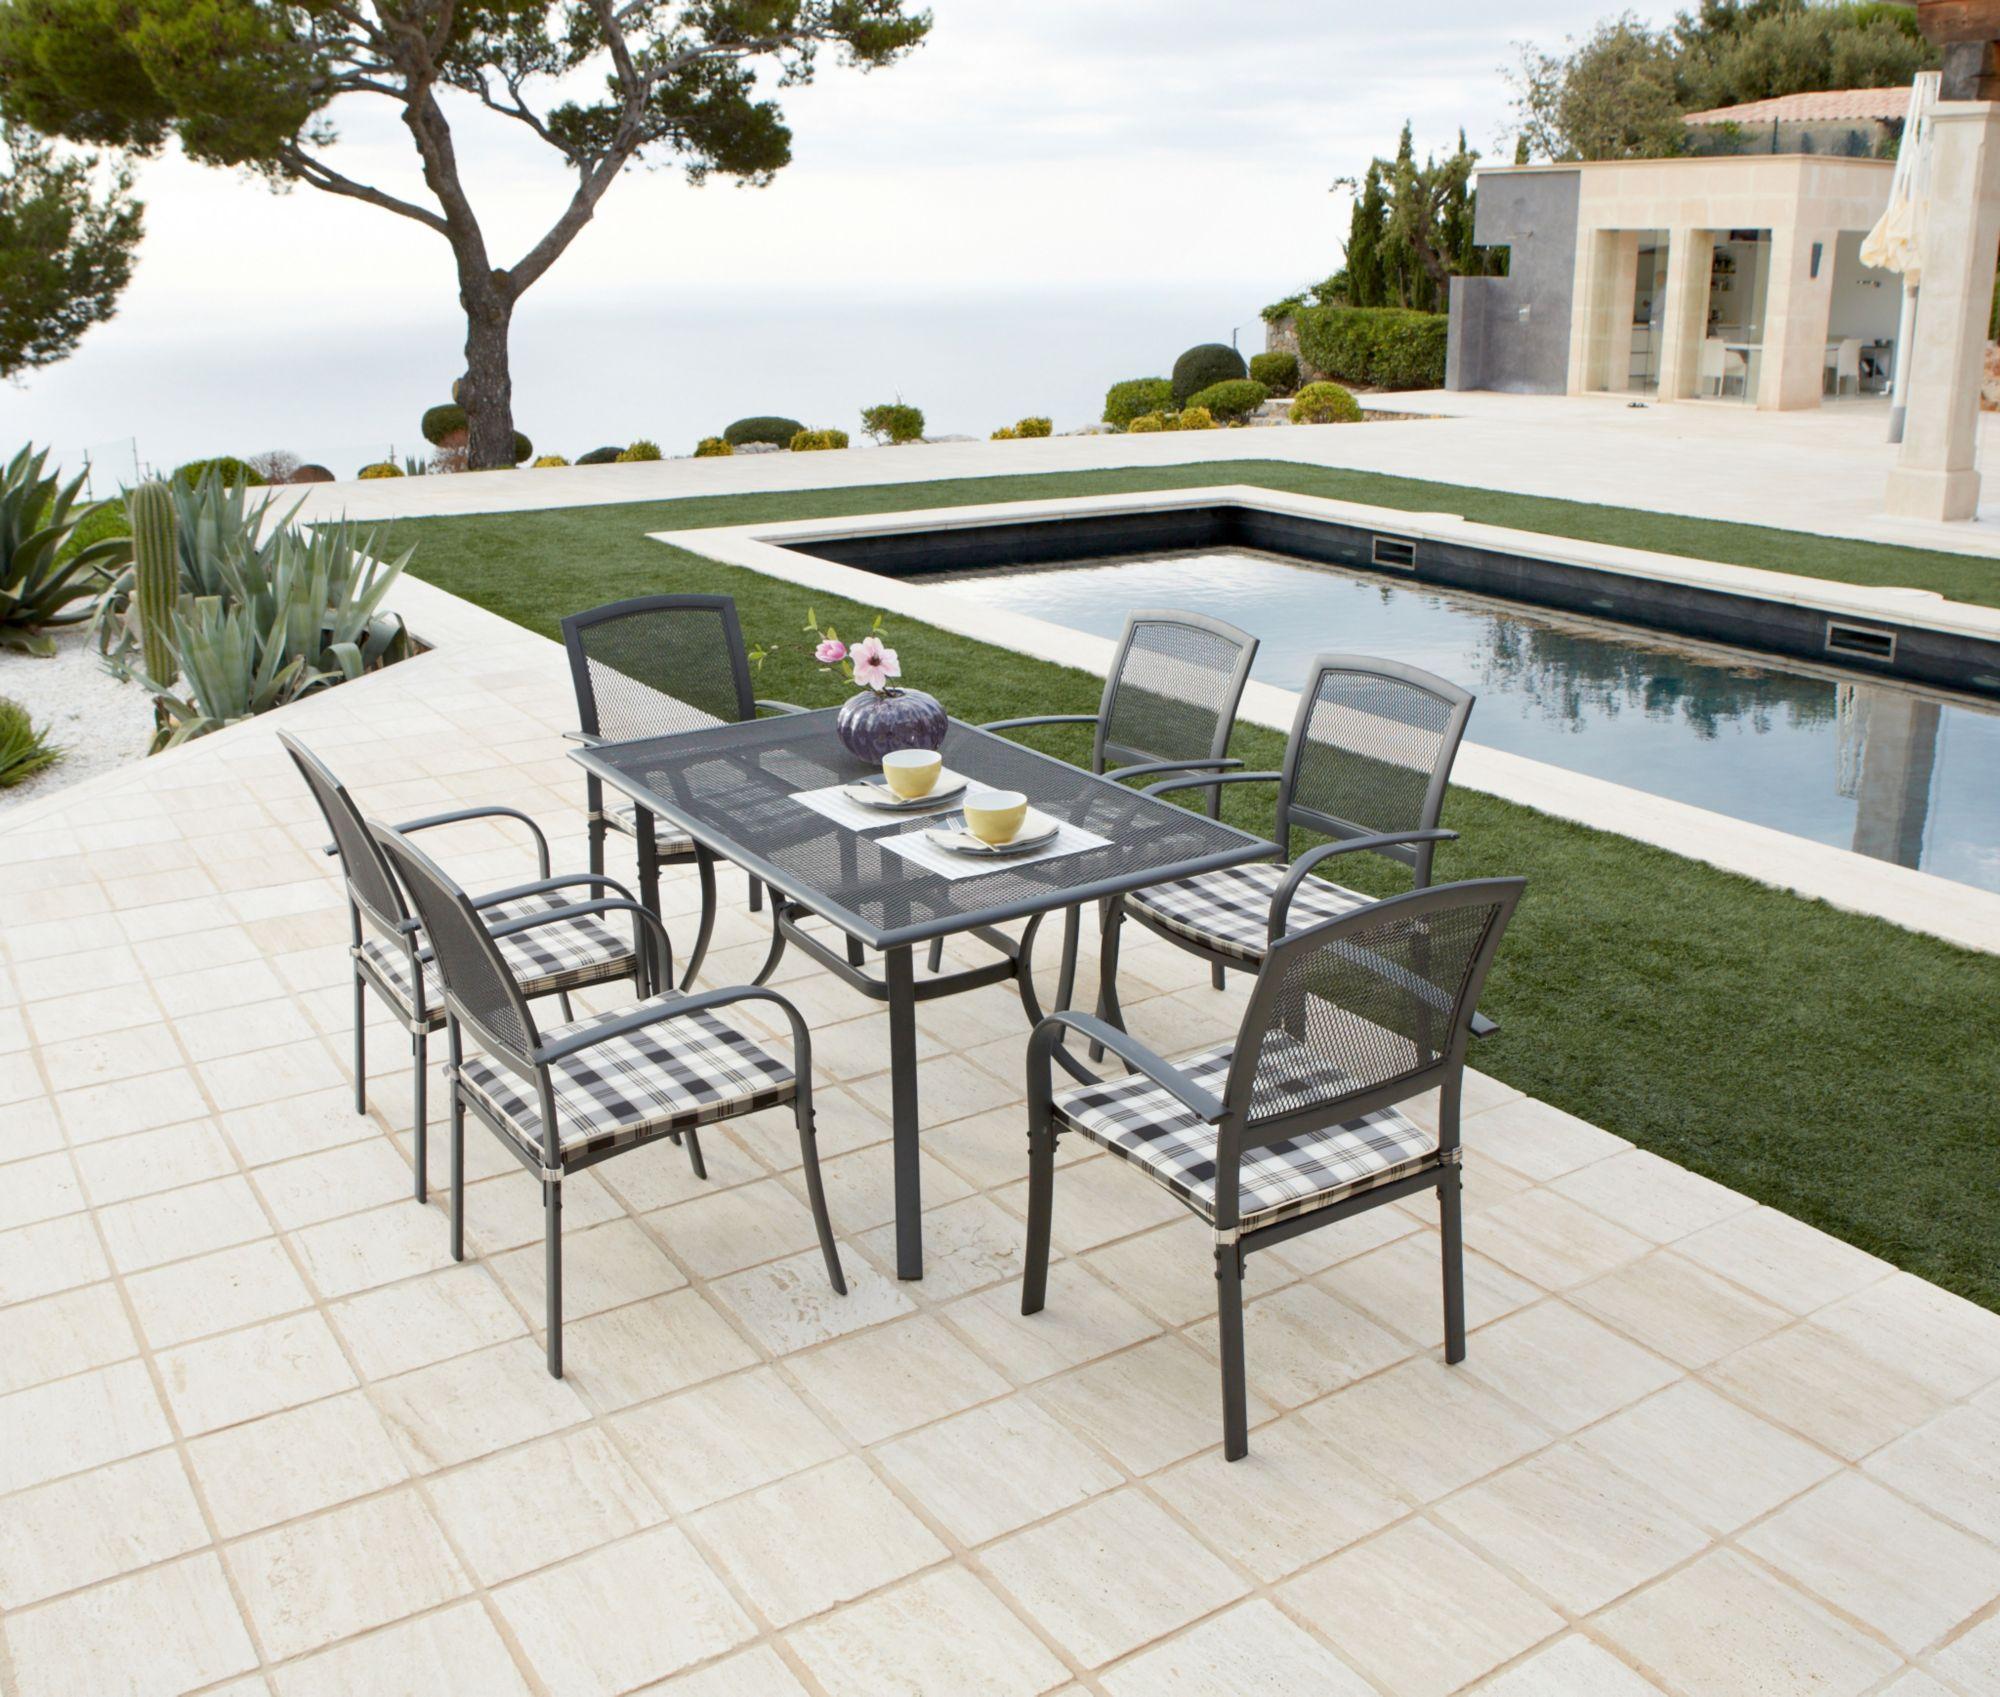 13-tgl. Gartenmöbelset »Montreal«, 6 Sessel + Auflagen, Tisch, Alu/Textil, schwarz-weiß